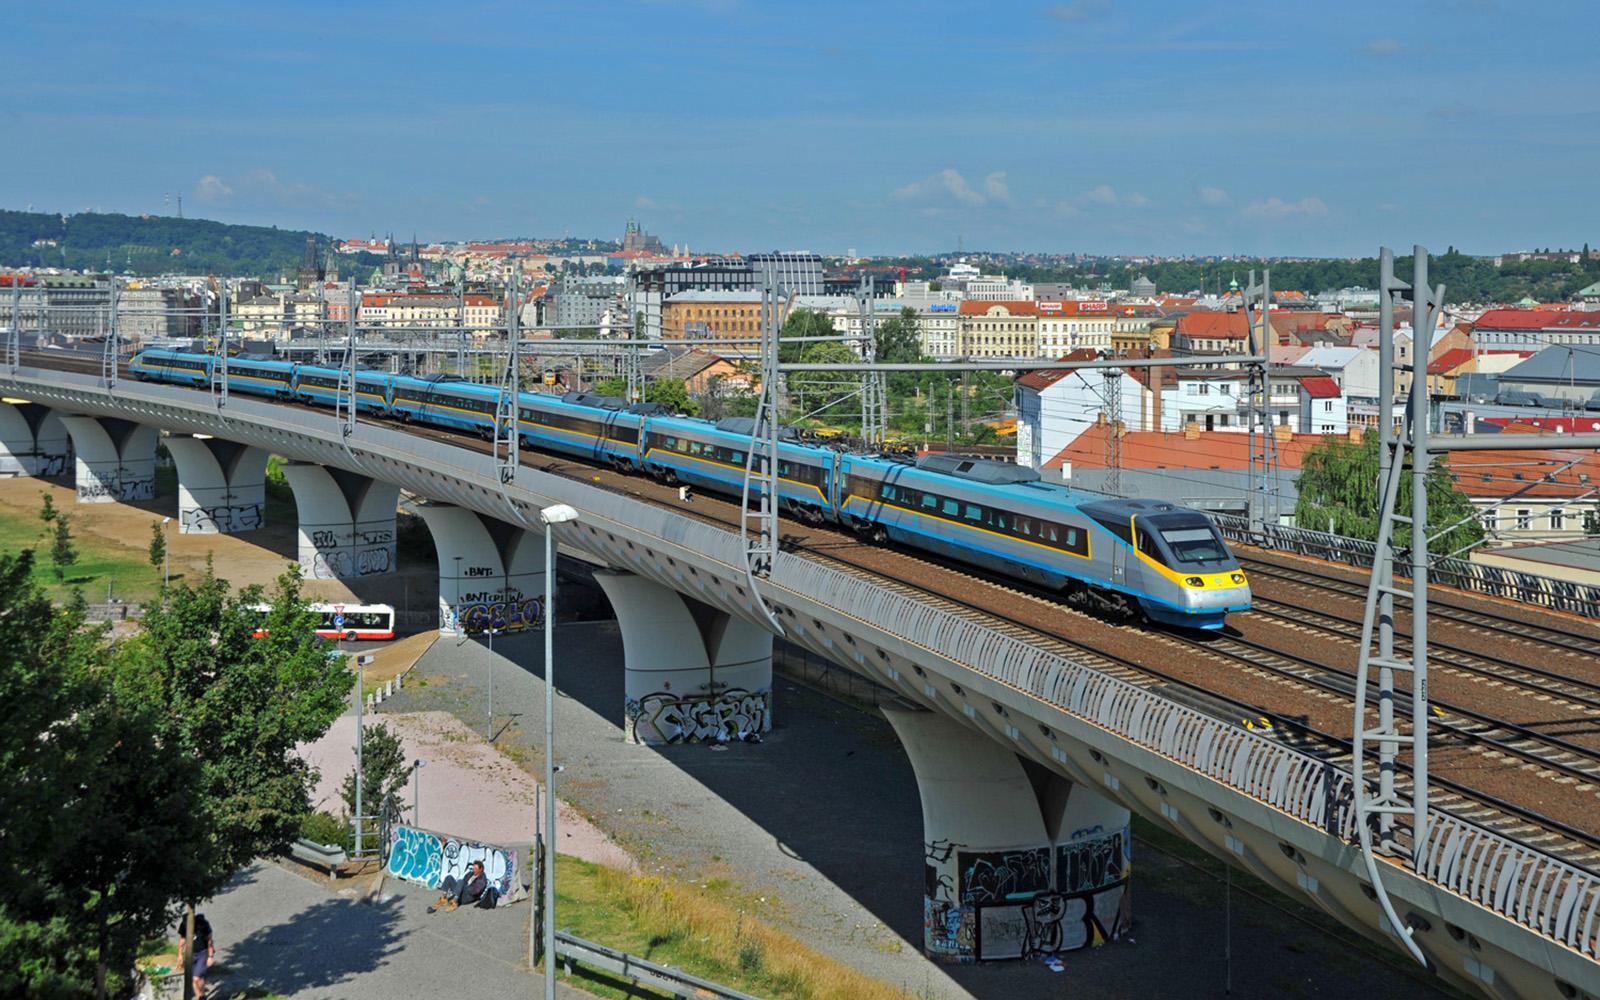 Foto: Die tschechische Eisenbahn ČD verwendet die Bezeichnung SuperCity Pendolino für die seit Dezember 2005 verkehrenden Schnellverbindungen zwischen Prag und Ostrava. Seit Dezember 2014 verbindet der railjet (in Zusammenarbeit mit der ÖBB) Prag mit Wien und Graz. SuperCity ist die schnellste und hochwertigste Zugkategorie der ČD. Der SuperCity: fotografiert von railmen-Lokführer Marcel Langnickel in Prag.